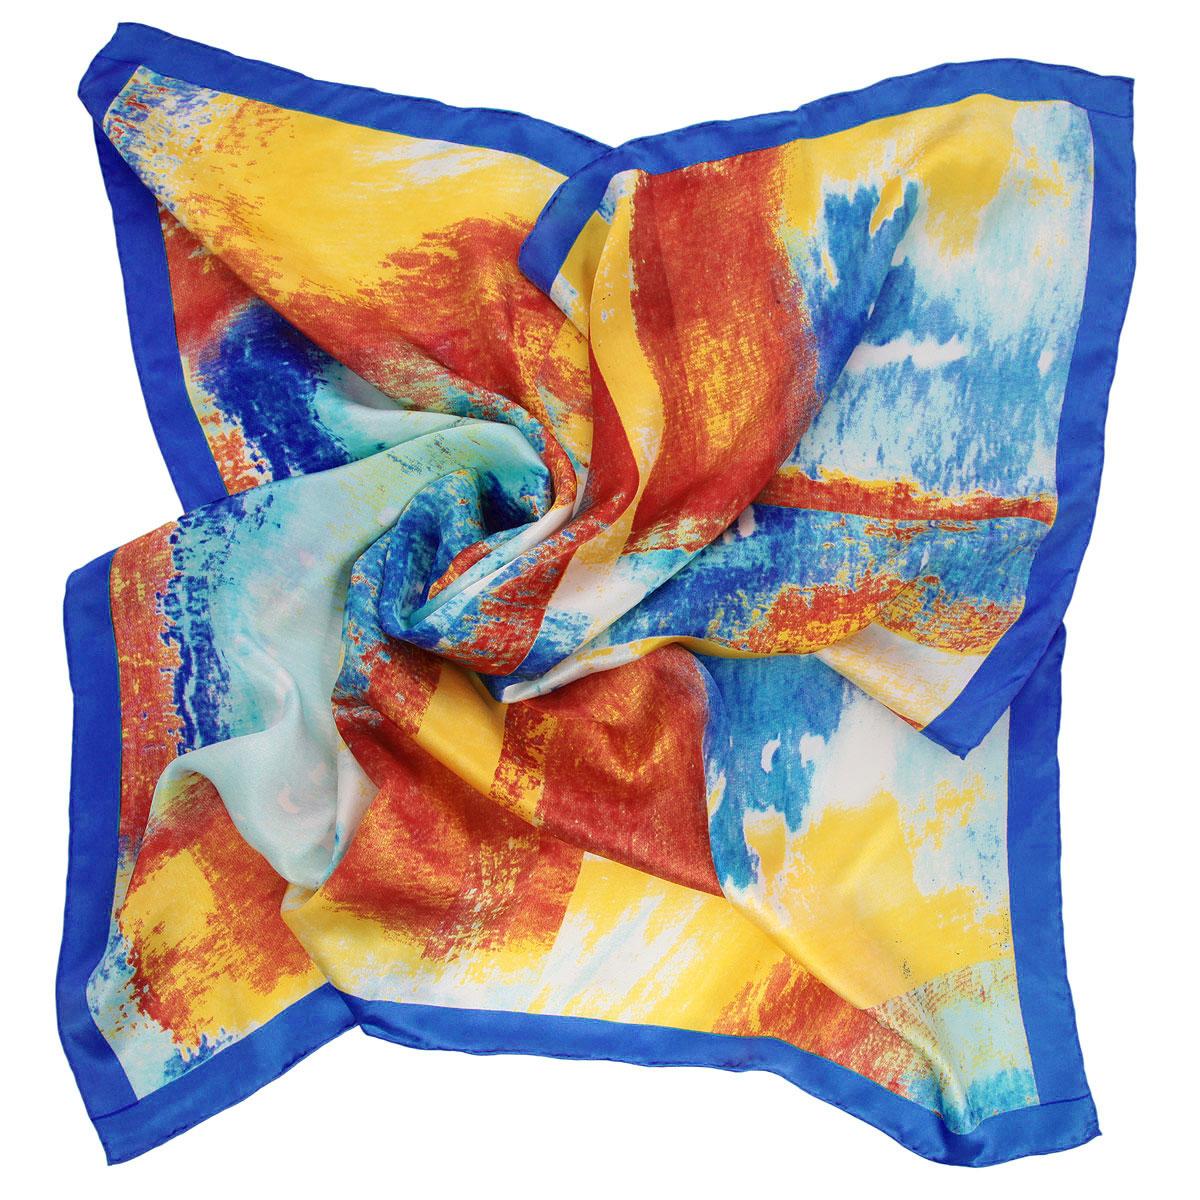 Платок женский Venera, цвет: синий, оранжевый, желтый. 1801829-5. Размер 90 см х 90 см casmir ashley set лиф трусики и пояс для чулок